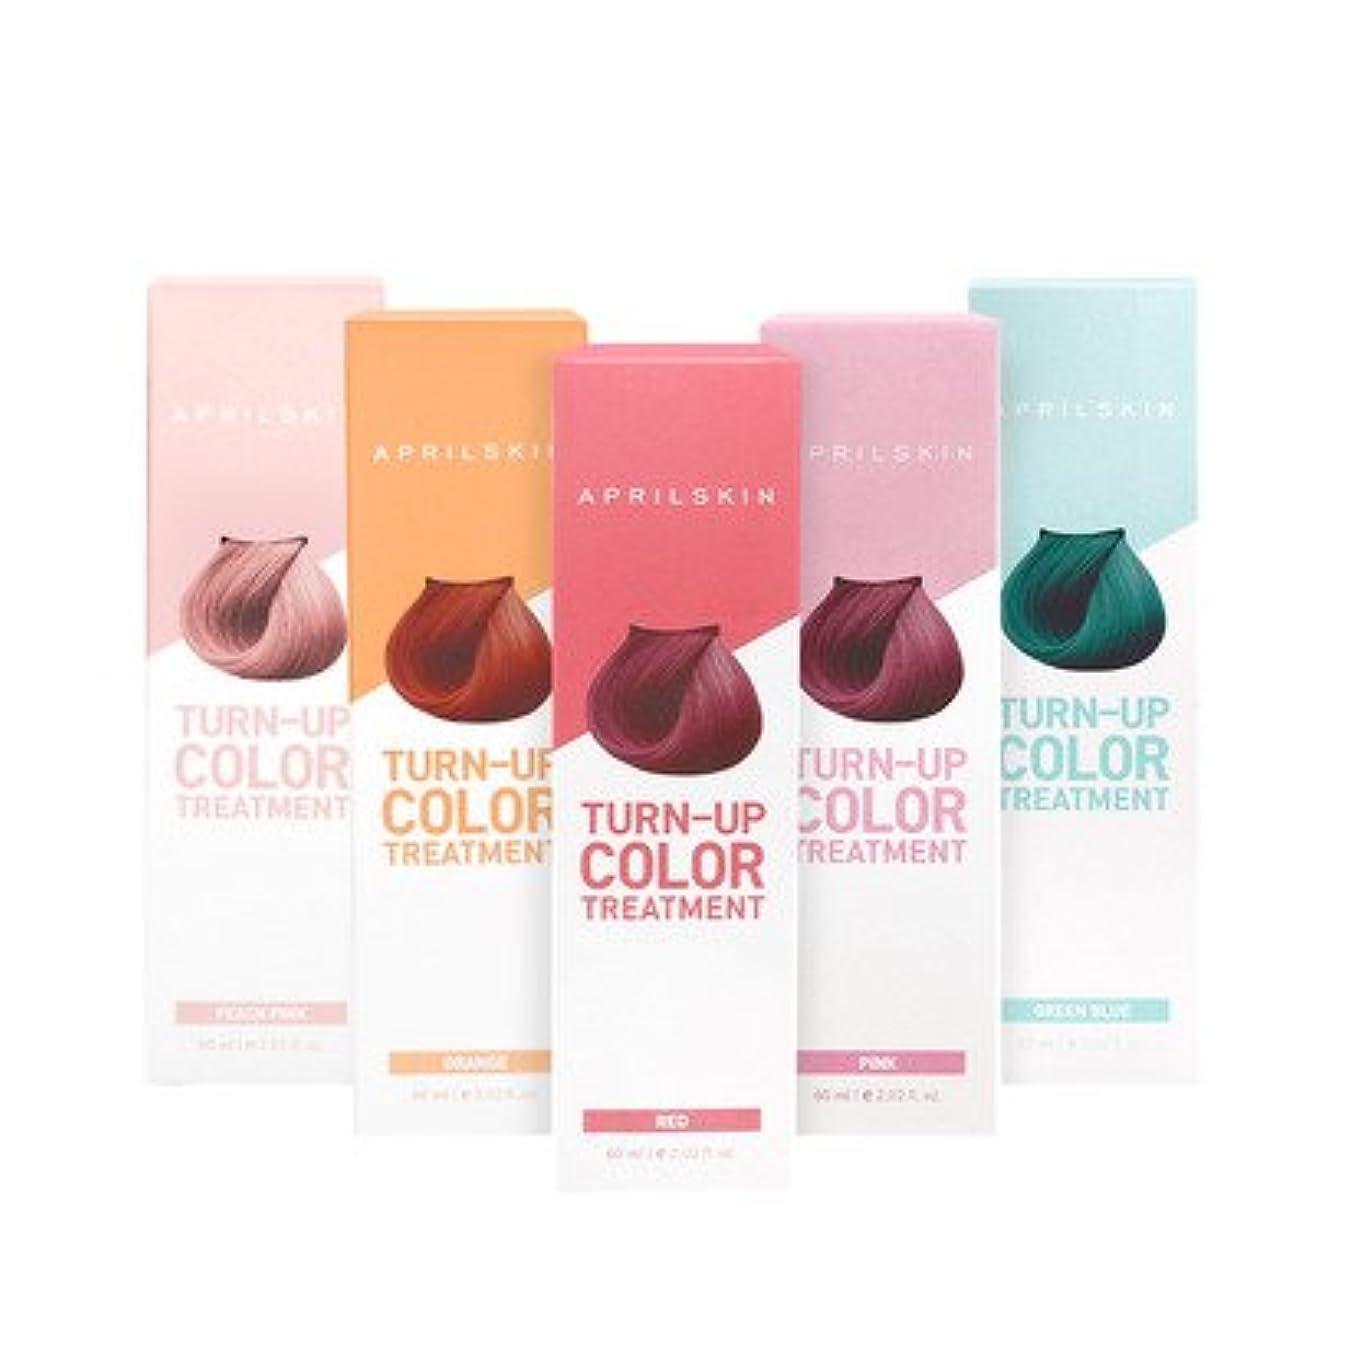 ジェムアグネスグレイ血色の良いApril Skin(エイプリルスキン) ターンアップカラー トリートメント/Turn up Color Treatment 60ml(ピーチピンク) [並行輸入品]